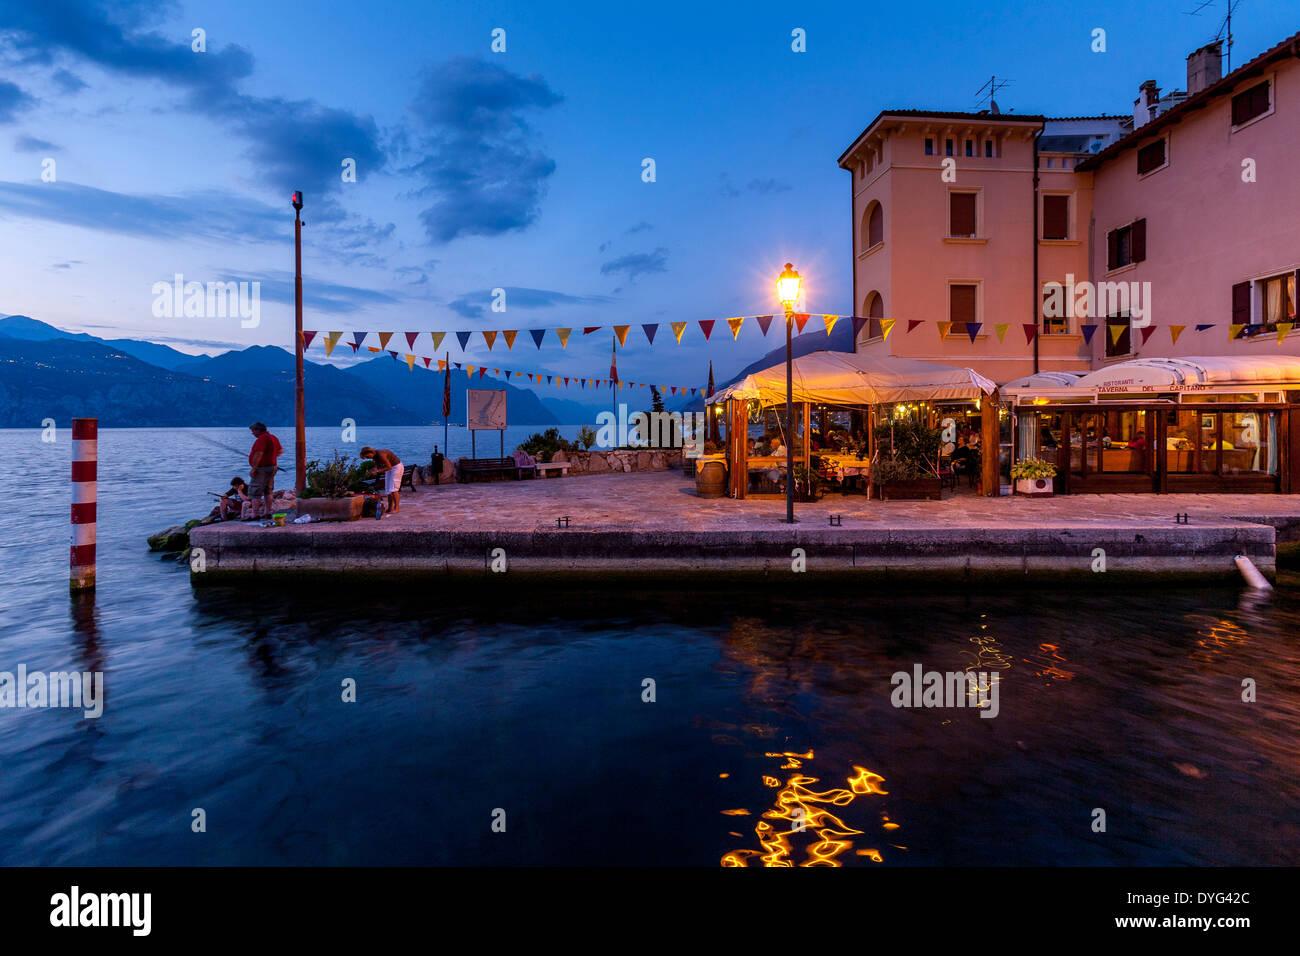 Porto di Brenzone, Lake Garda, Veneto, Italy - Stock Image